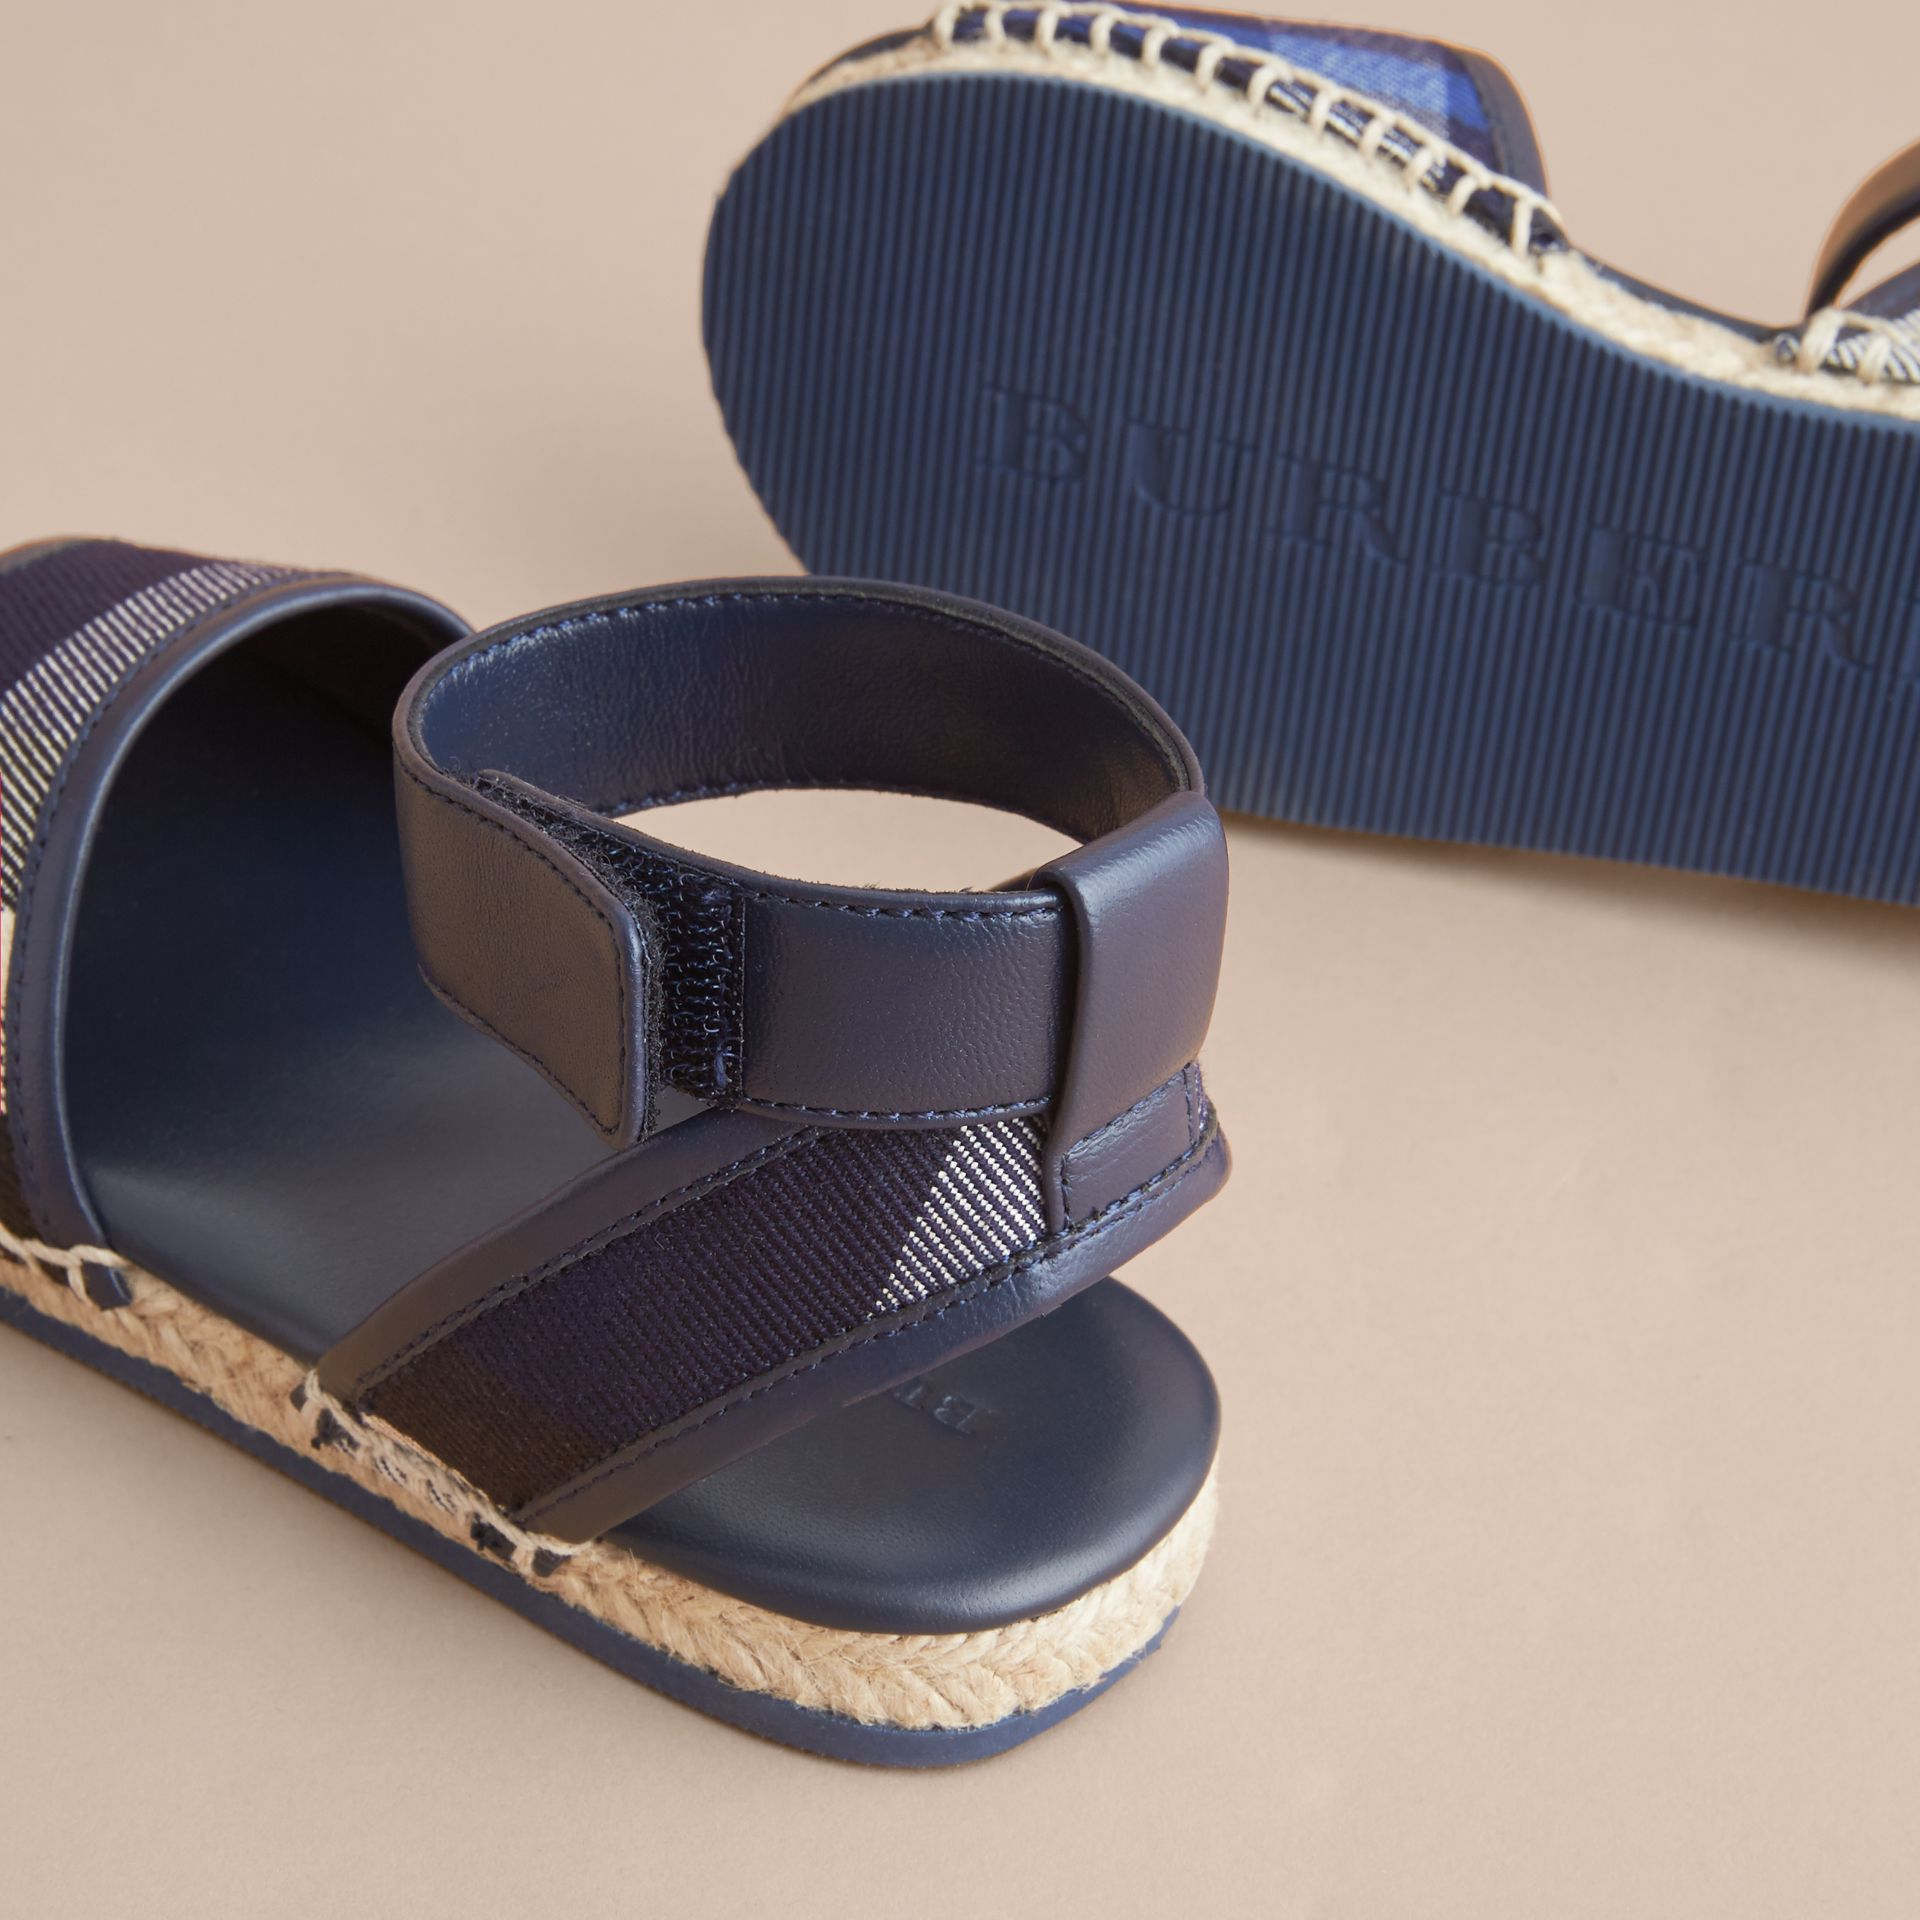 Sandálias estilo espadrilles em House Check com tira de couro (Safira Intenso) | Burberry - galeria de imagens 2